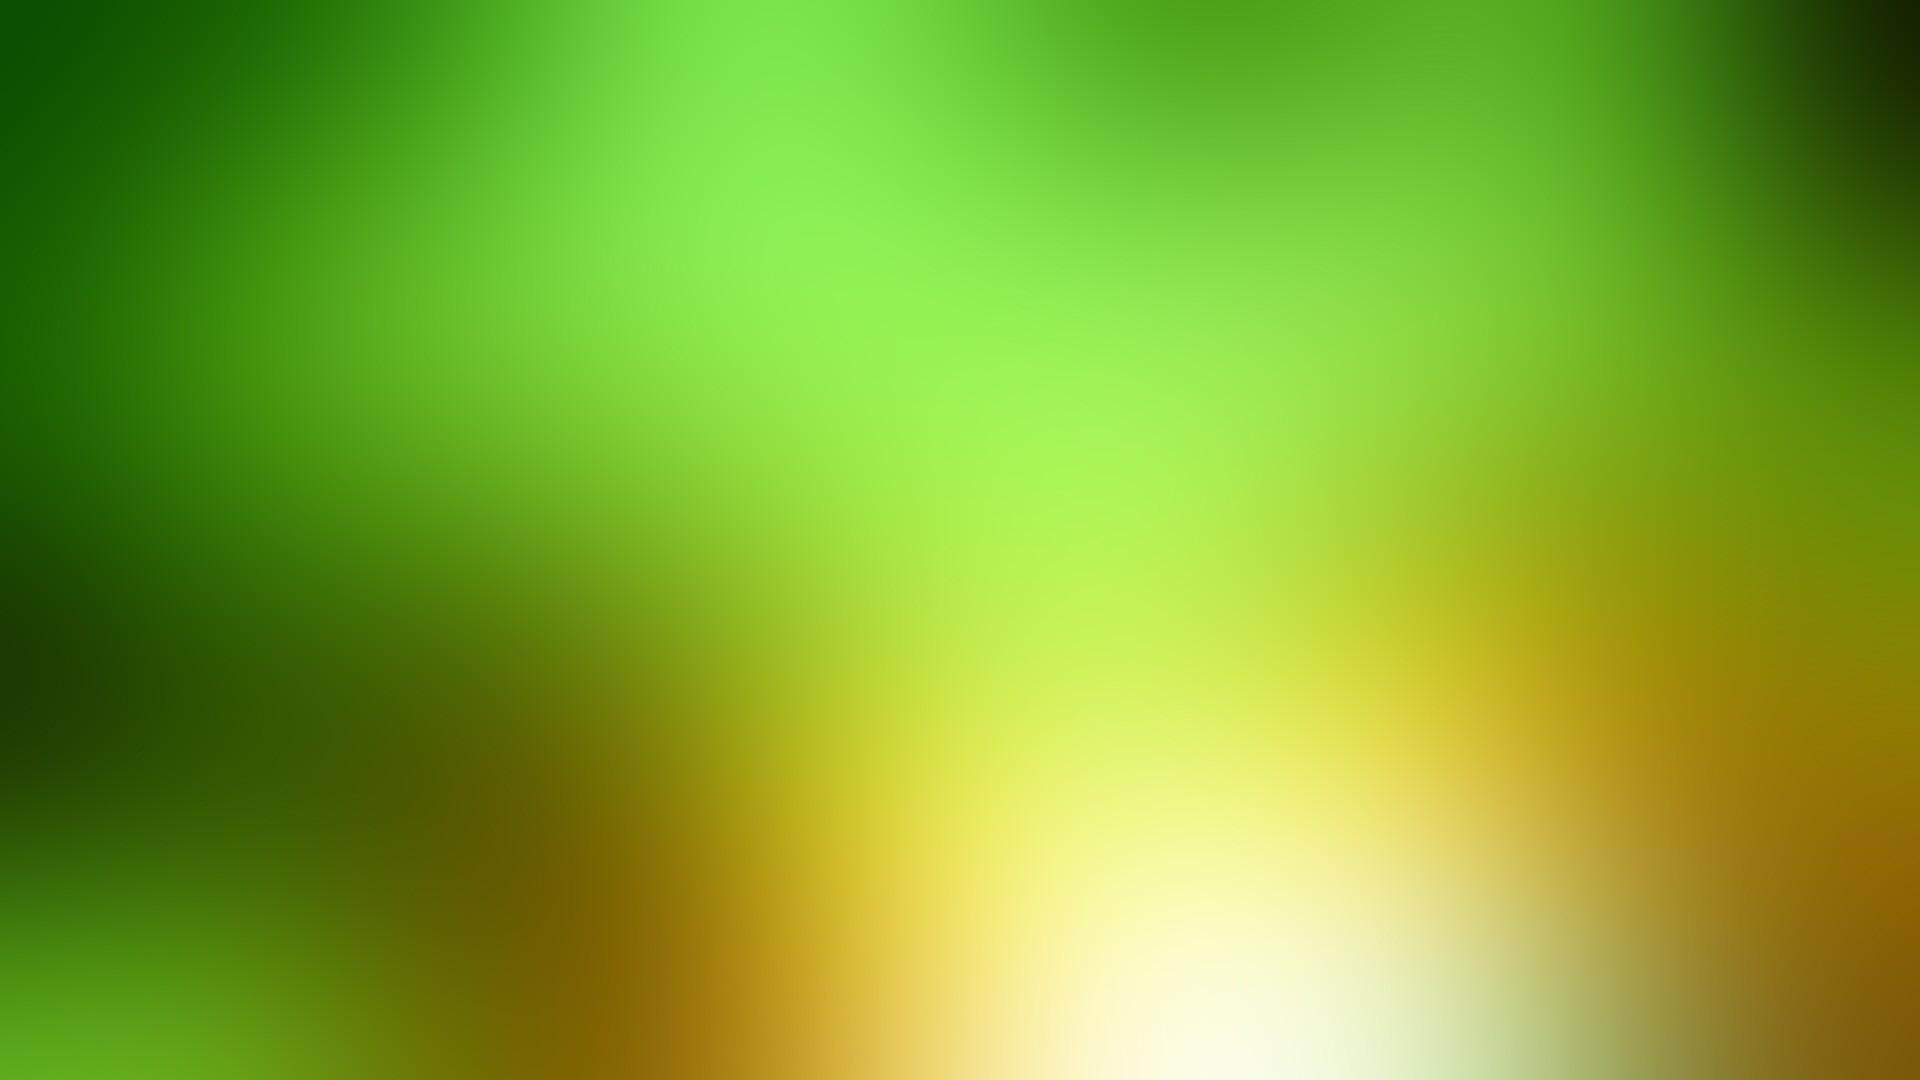 Wallpaper Green, Yellow, White, Spot